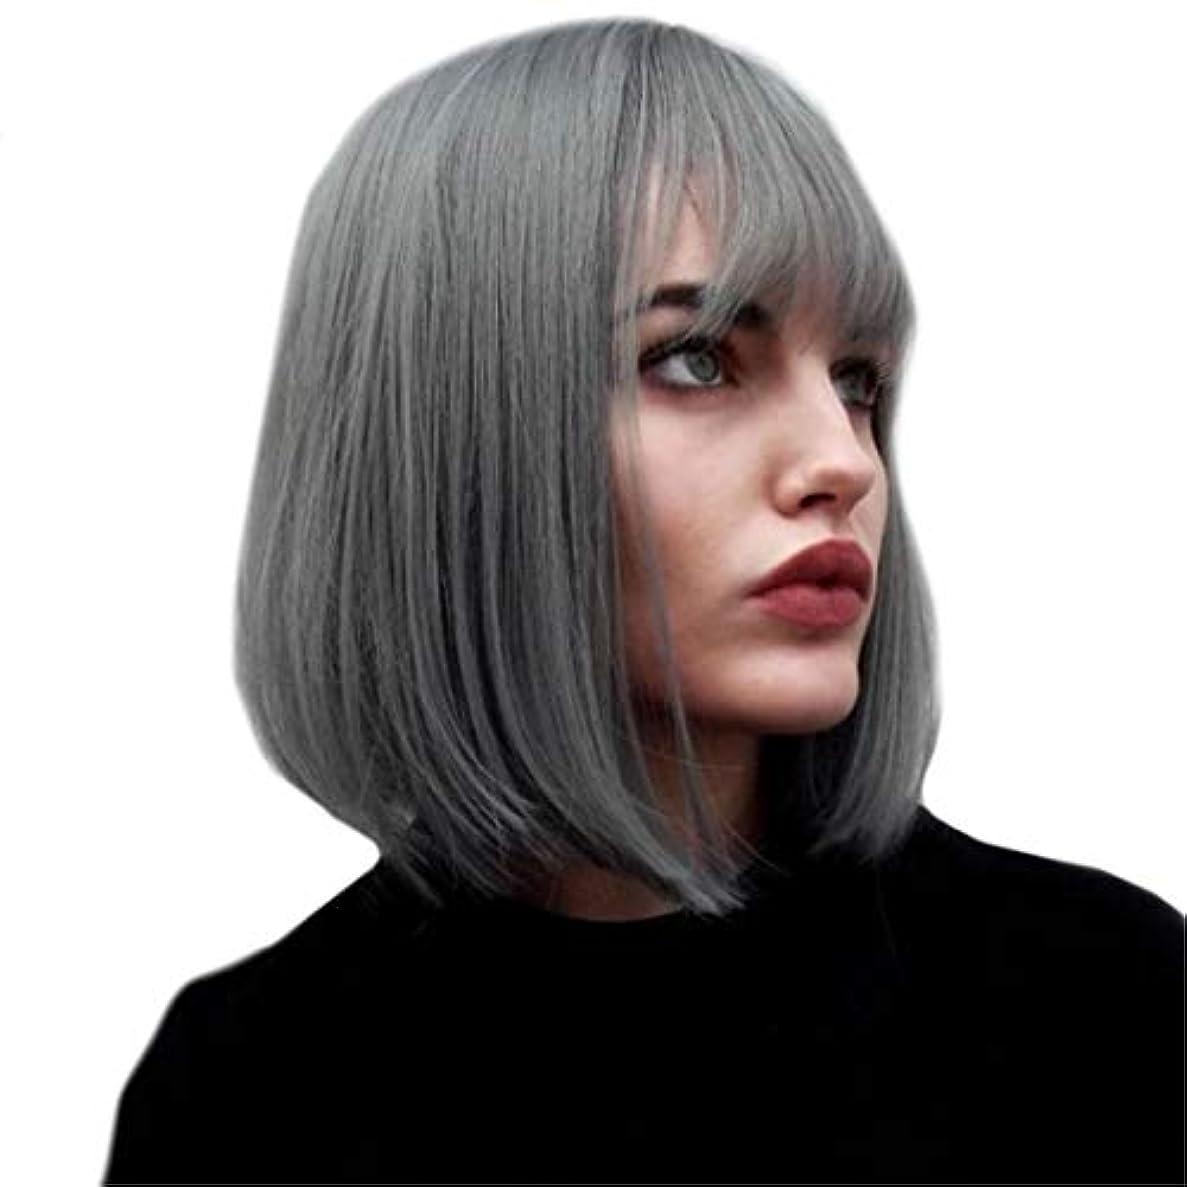 ピービッシュ固体クアッガKerwinner ふわふわのショートストレートヘアボブウィッググレーショートヘアケミカルファイバーウィッグセット女性用